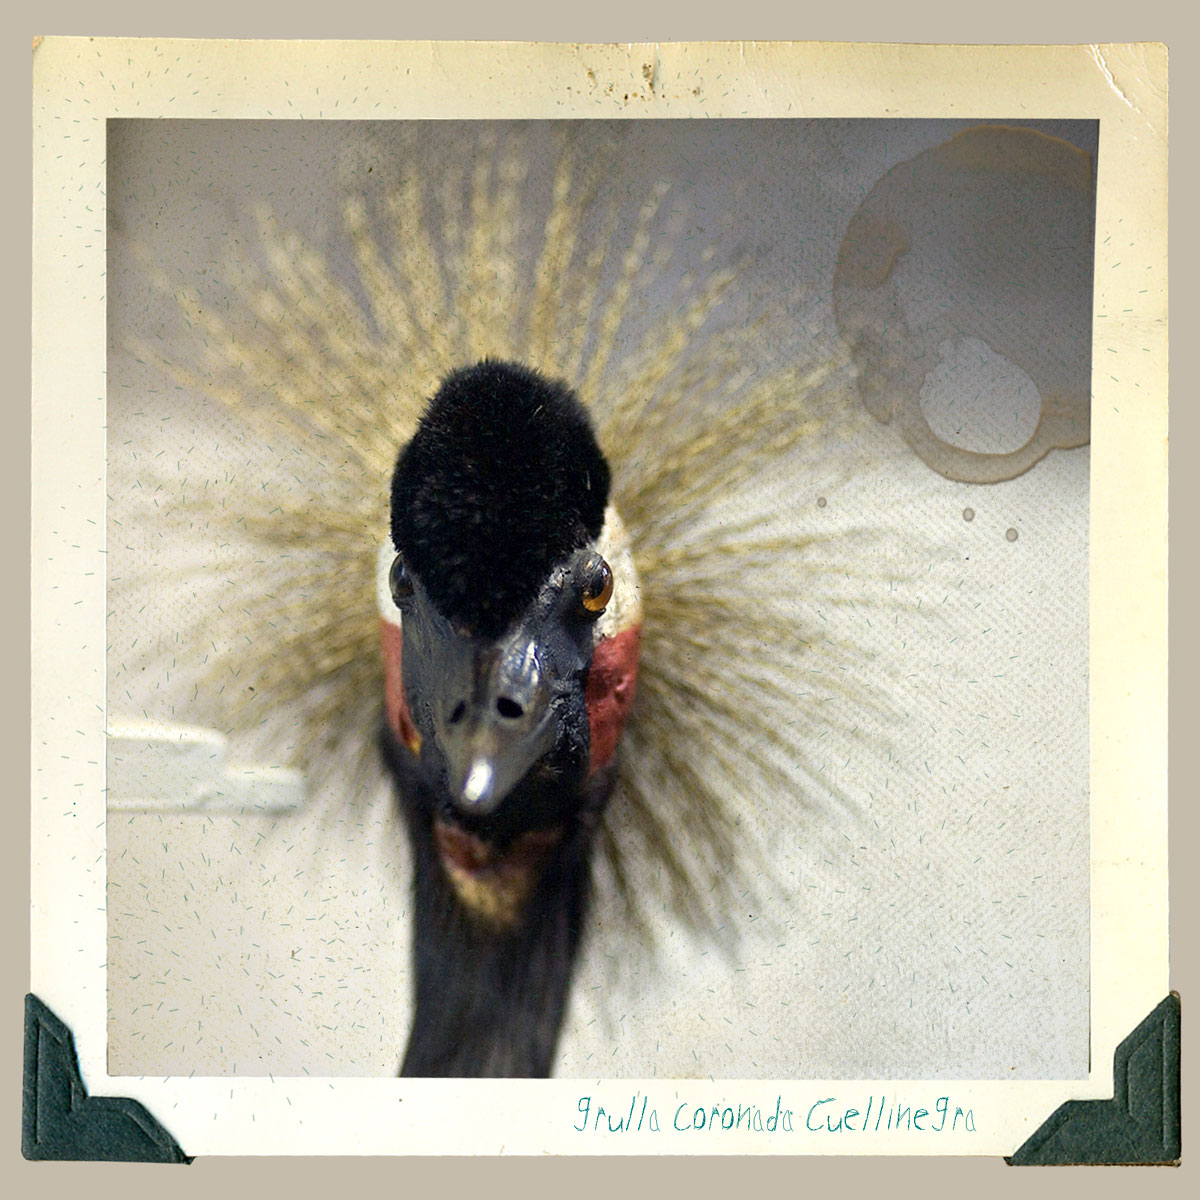 grulla coronada animal disecado anaima